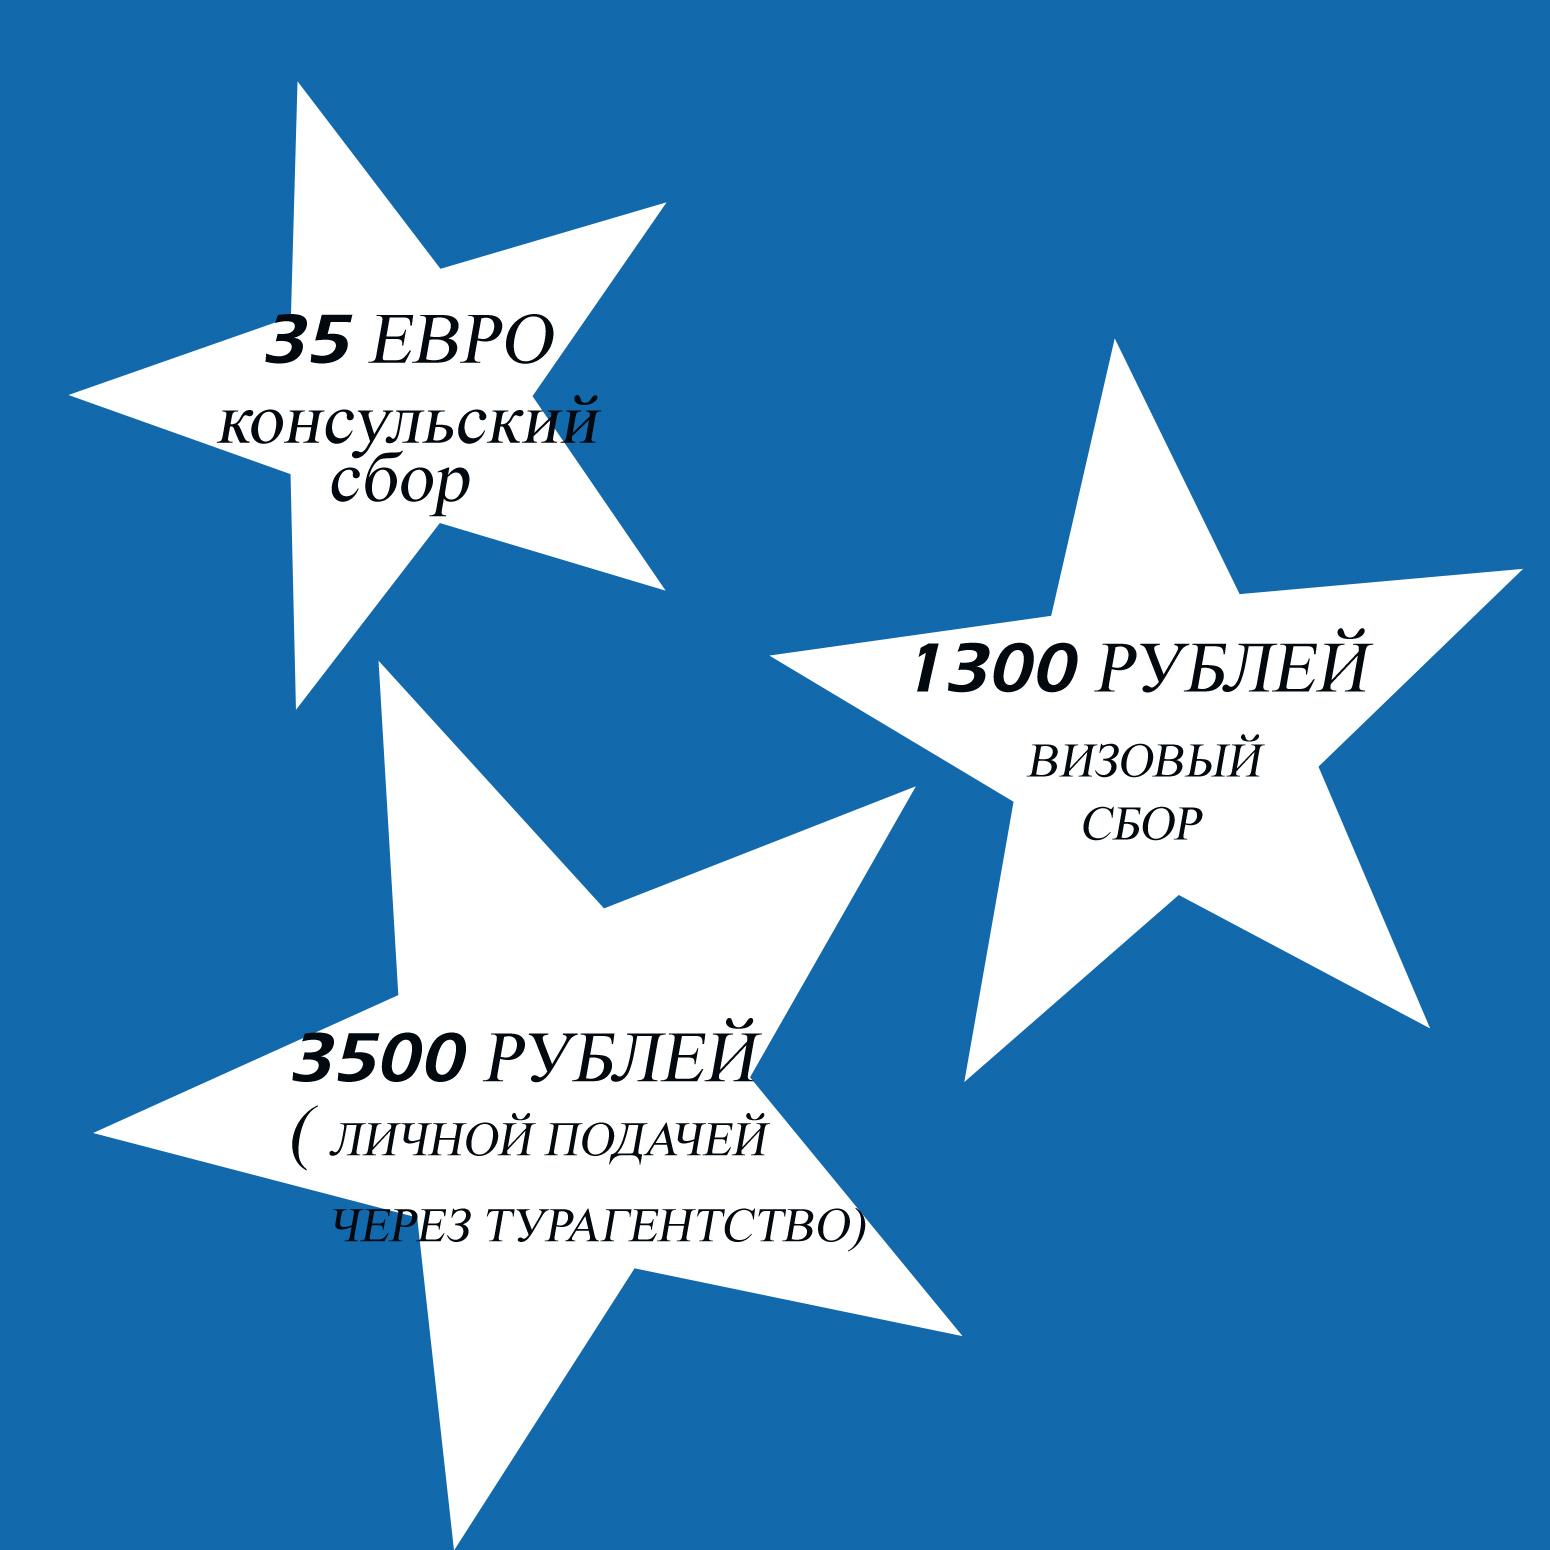 Цена на эстонскую визу в шенген